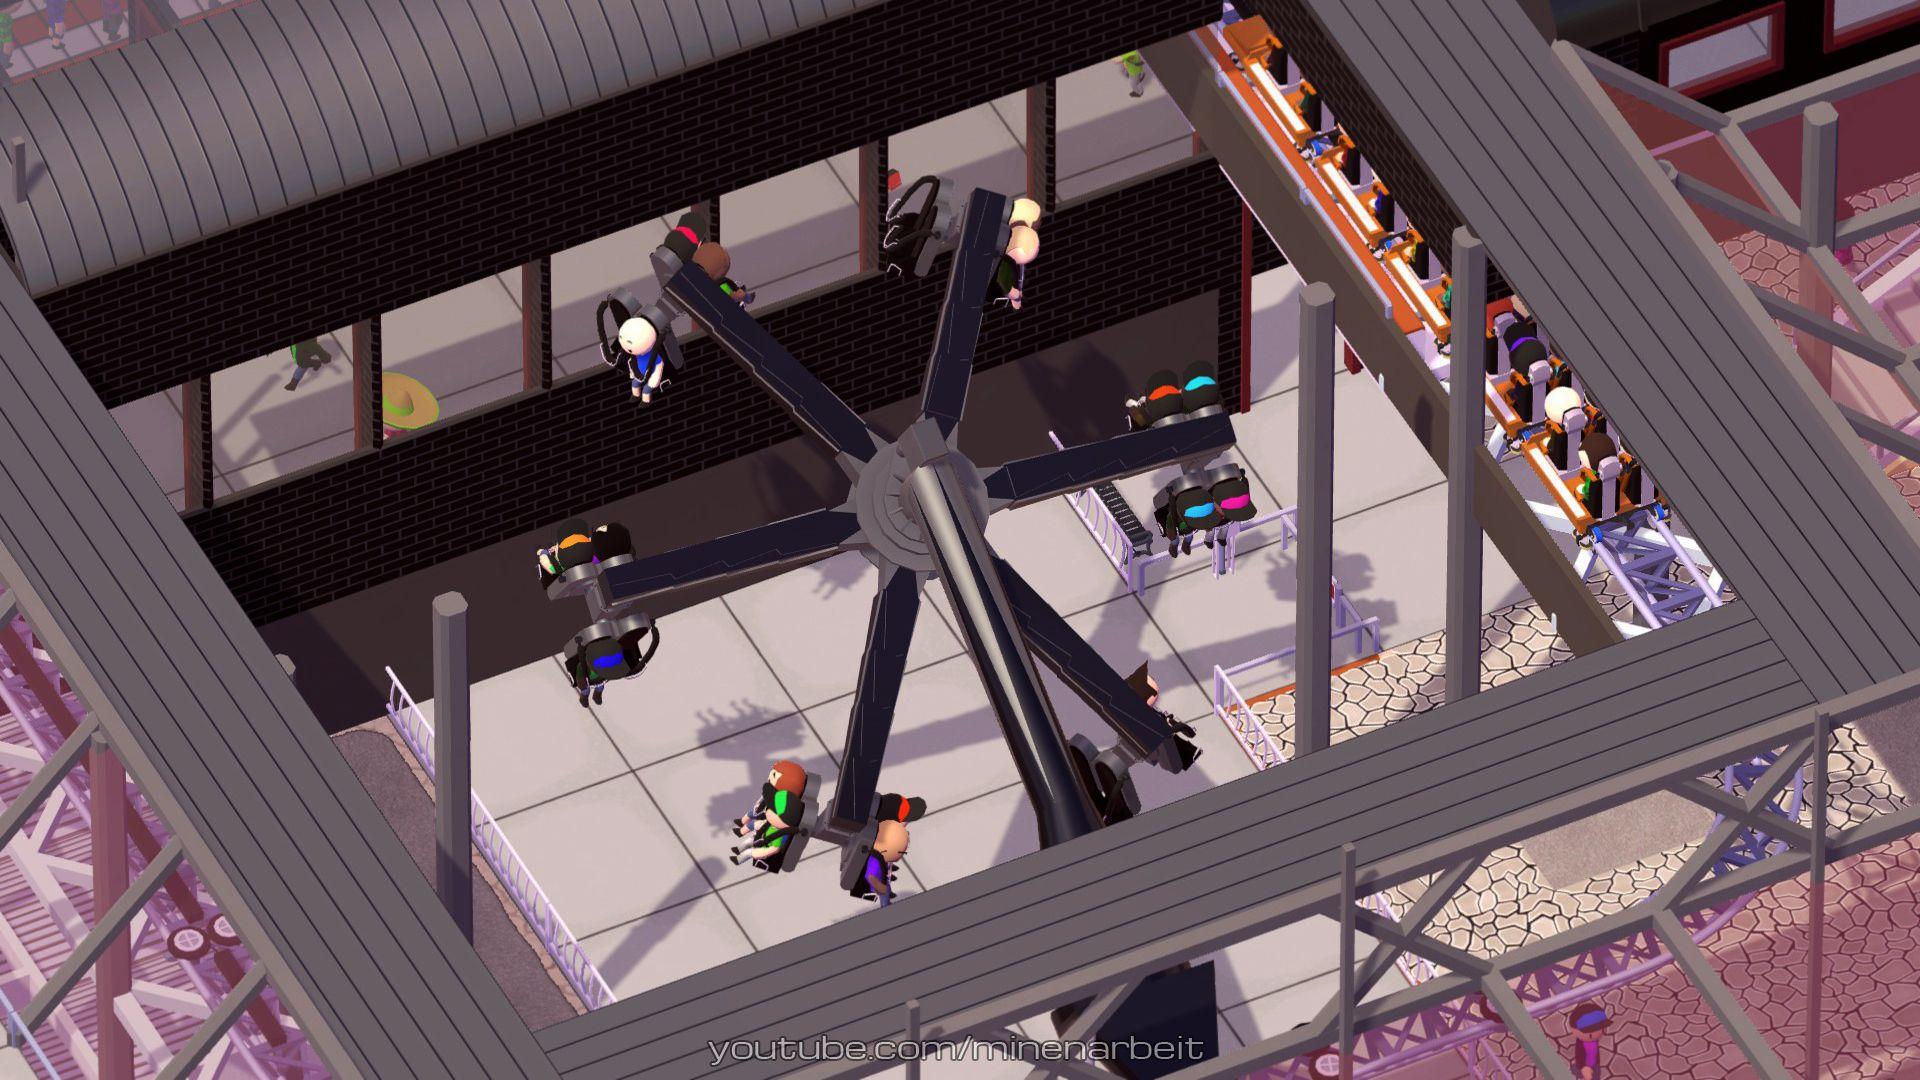 Das Power Surge Karussel im Hafen Center des Minenarbeit Industrie- und Freizeitparks.  #parkitect #kreativ #bauen #spielen